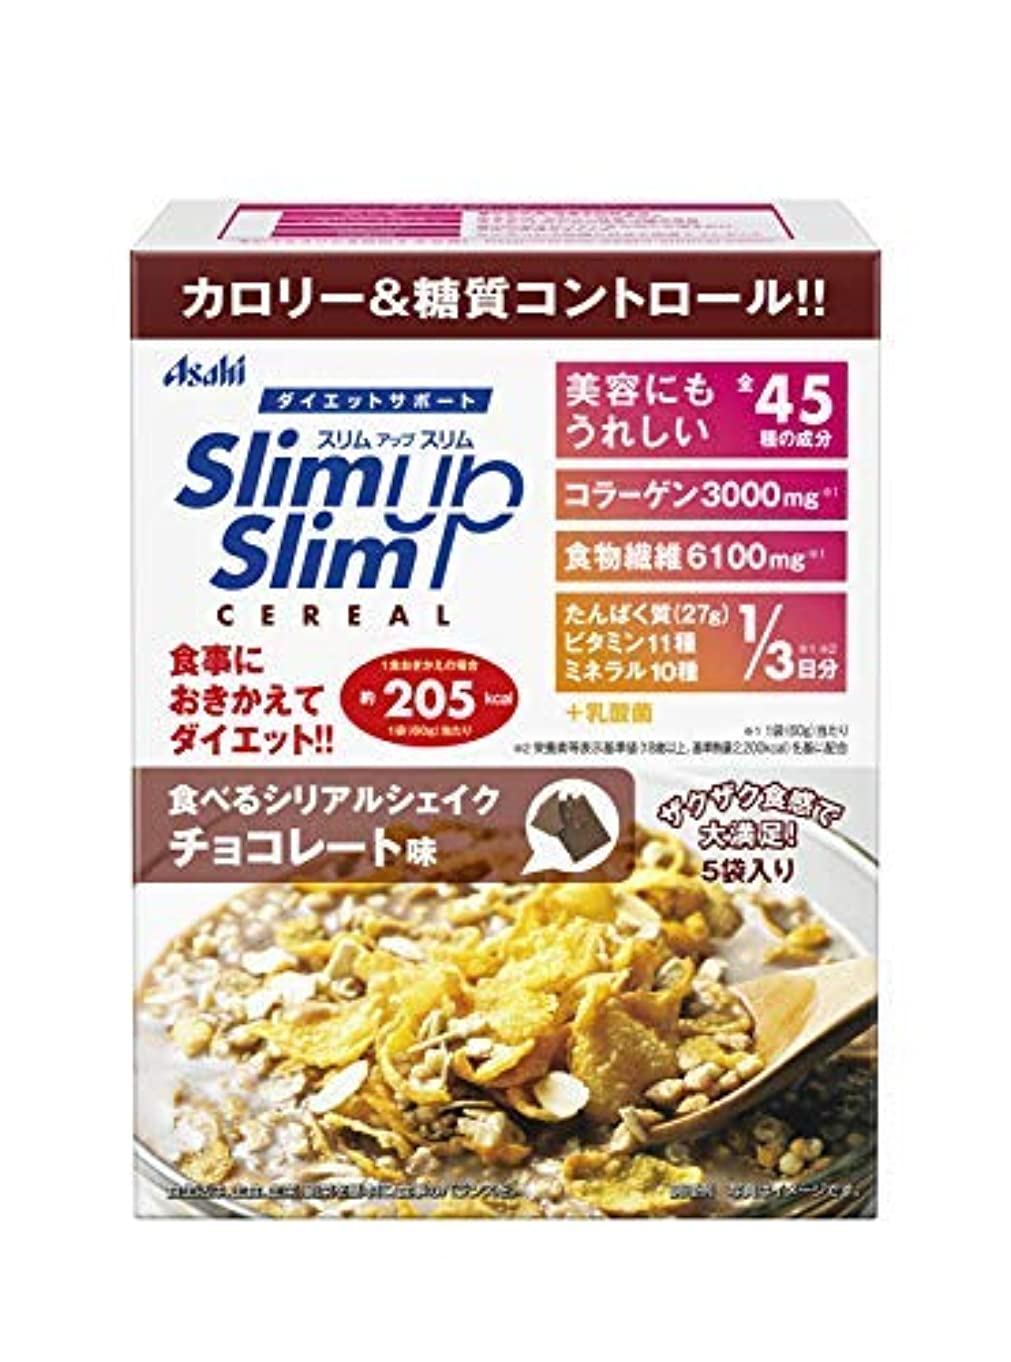 頭テメリティ密輸アサヒグループ食品 スリムアップスリム 食べるシリアルシェイク チョコレート味 60g×5袋入 × 6個セット